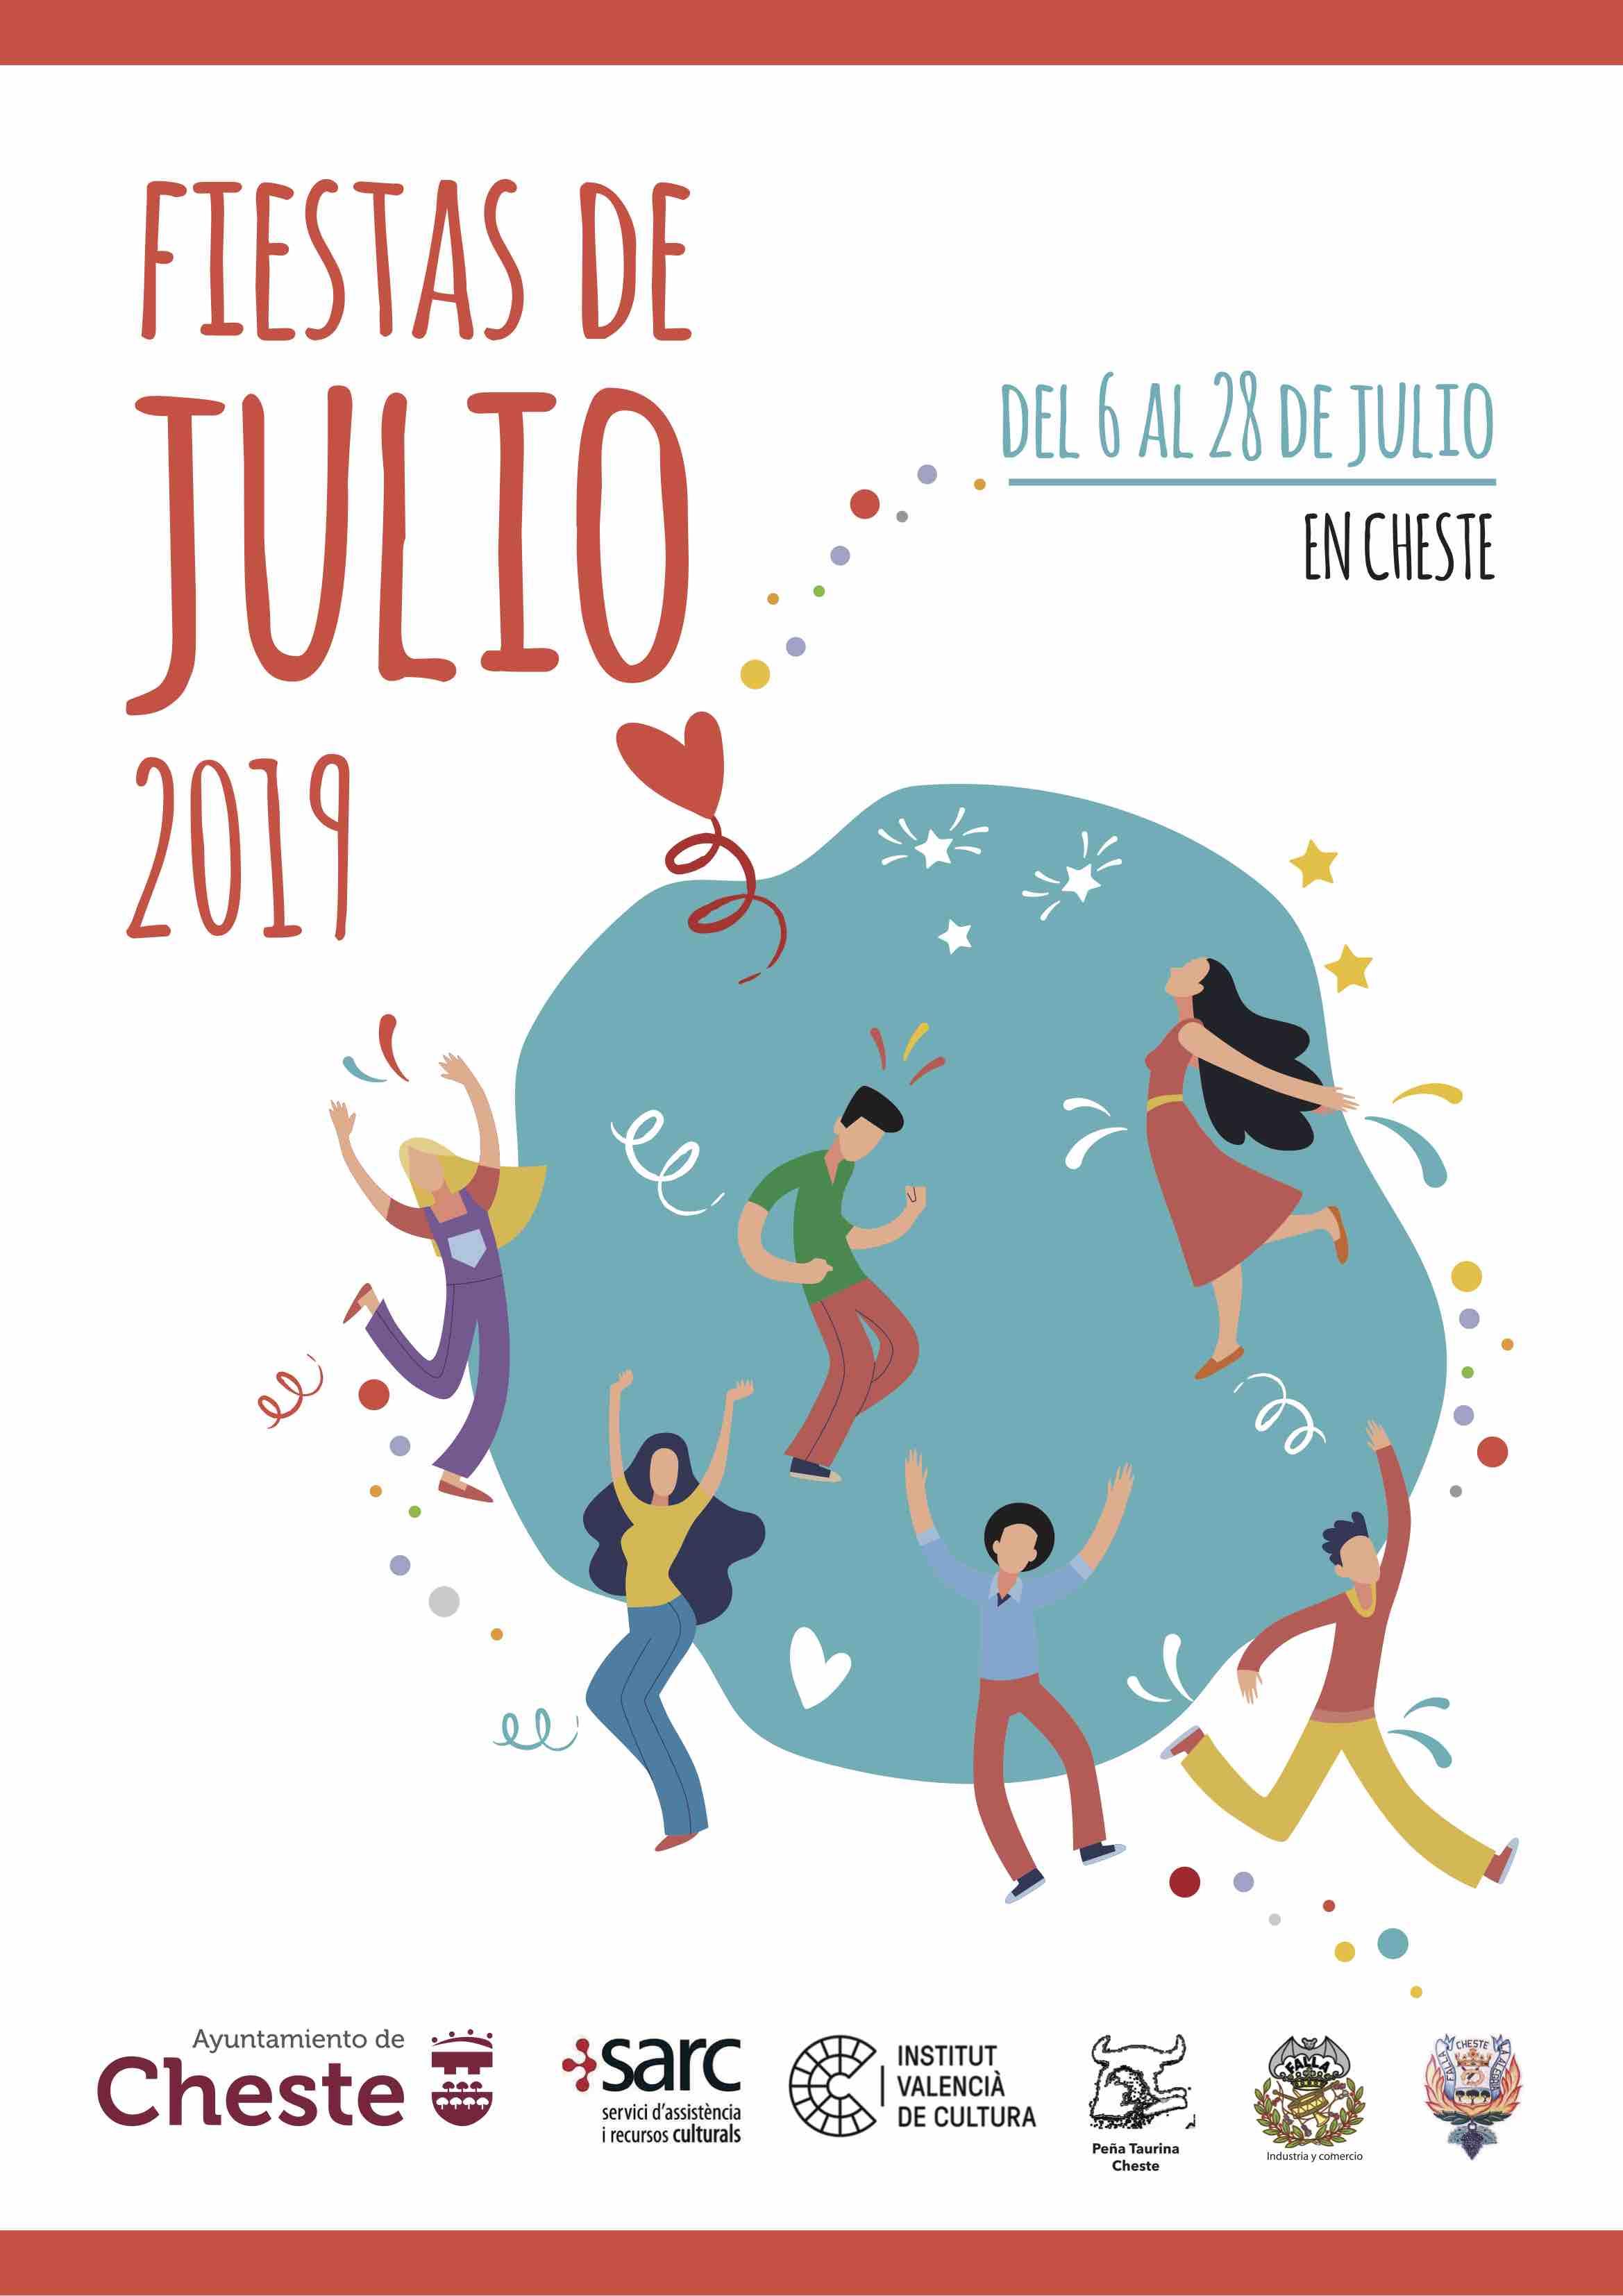 Cheste comienza la cuenta atrás para las Fiestas de Julio 2019.